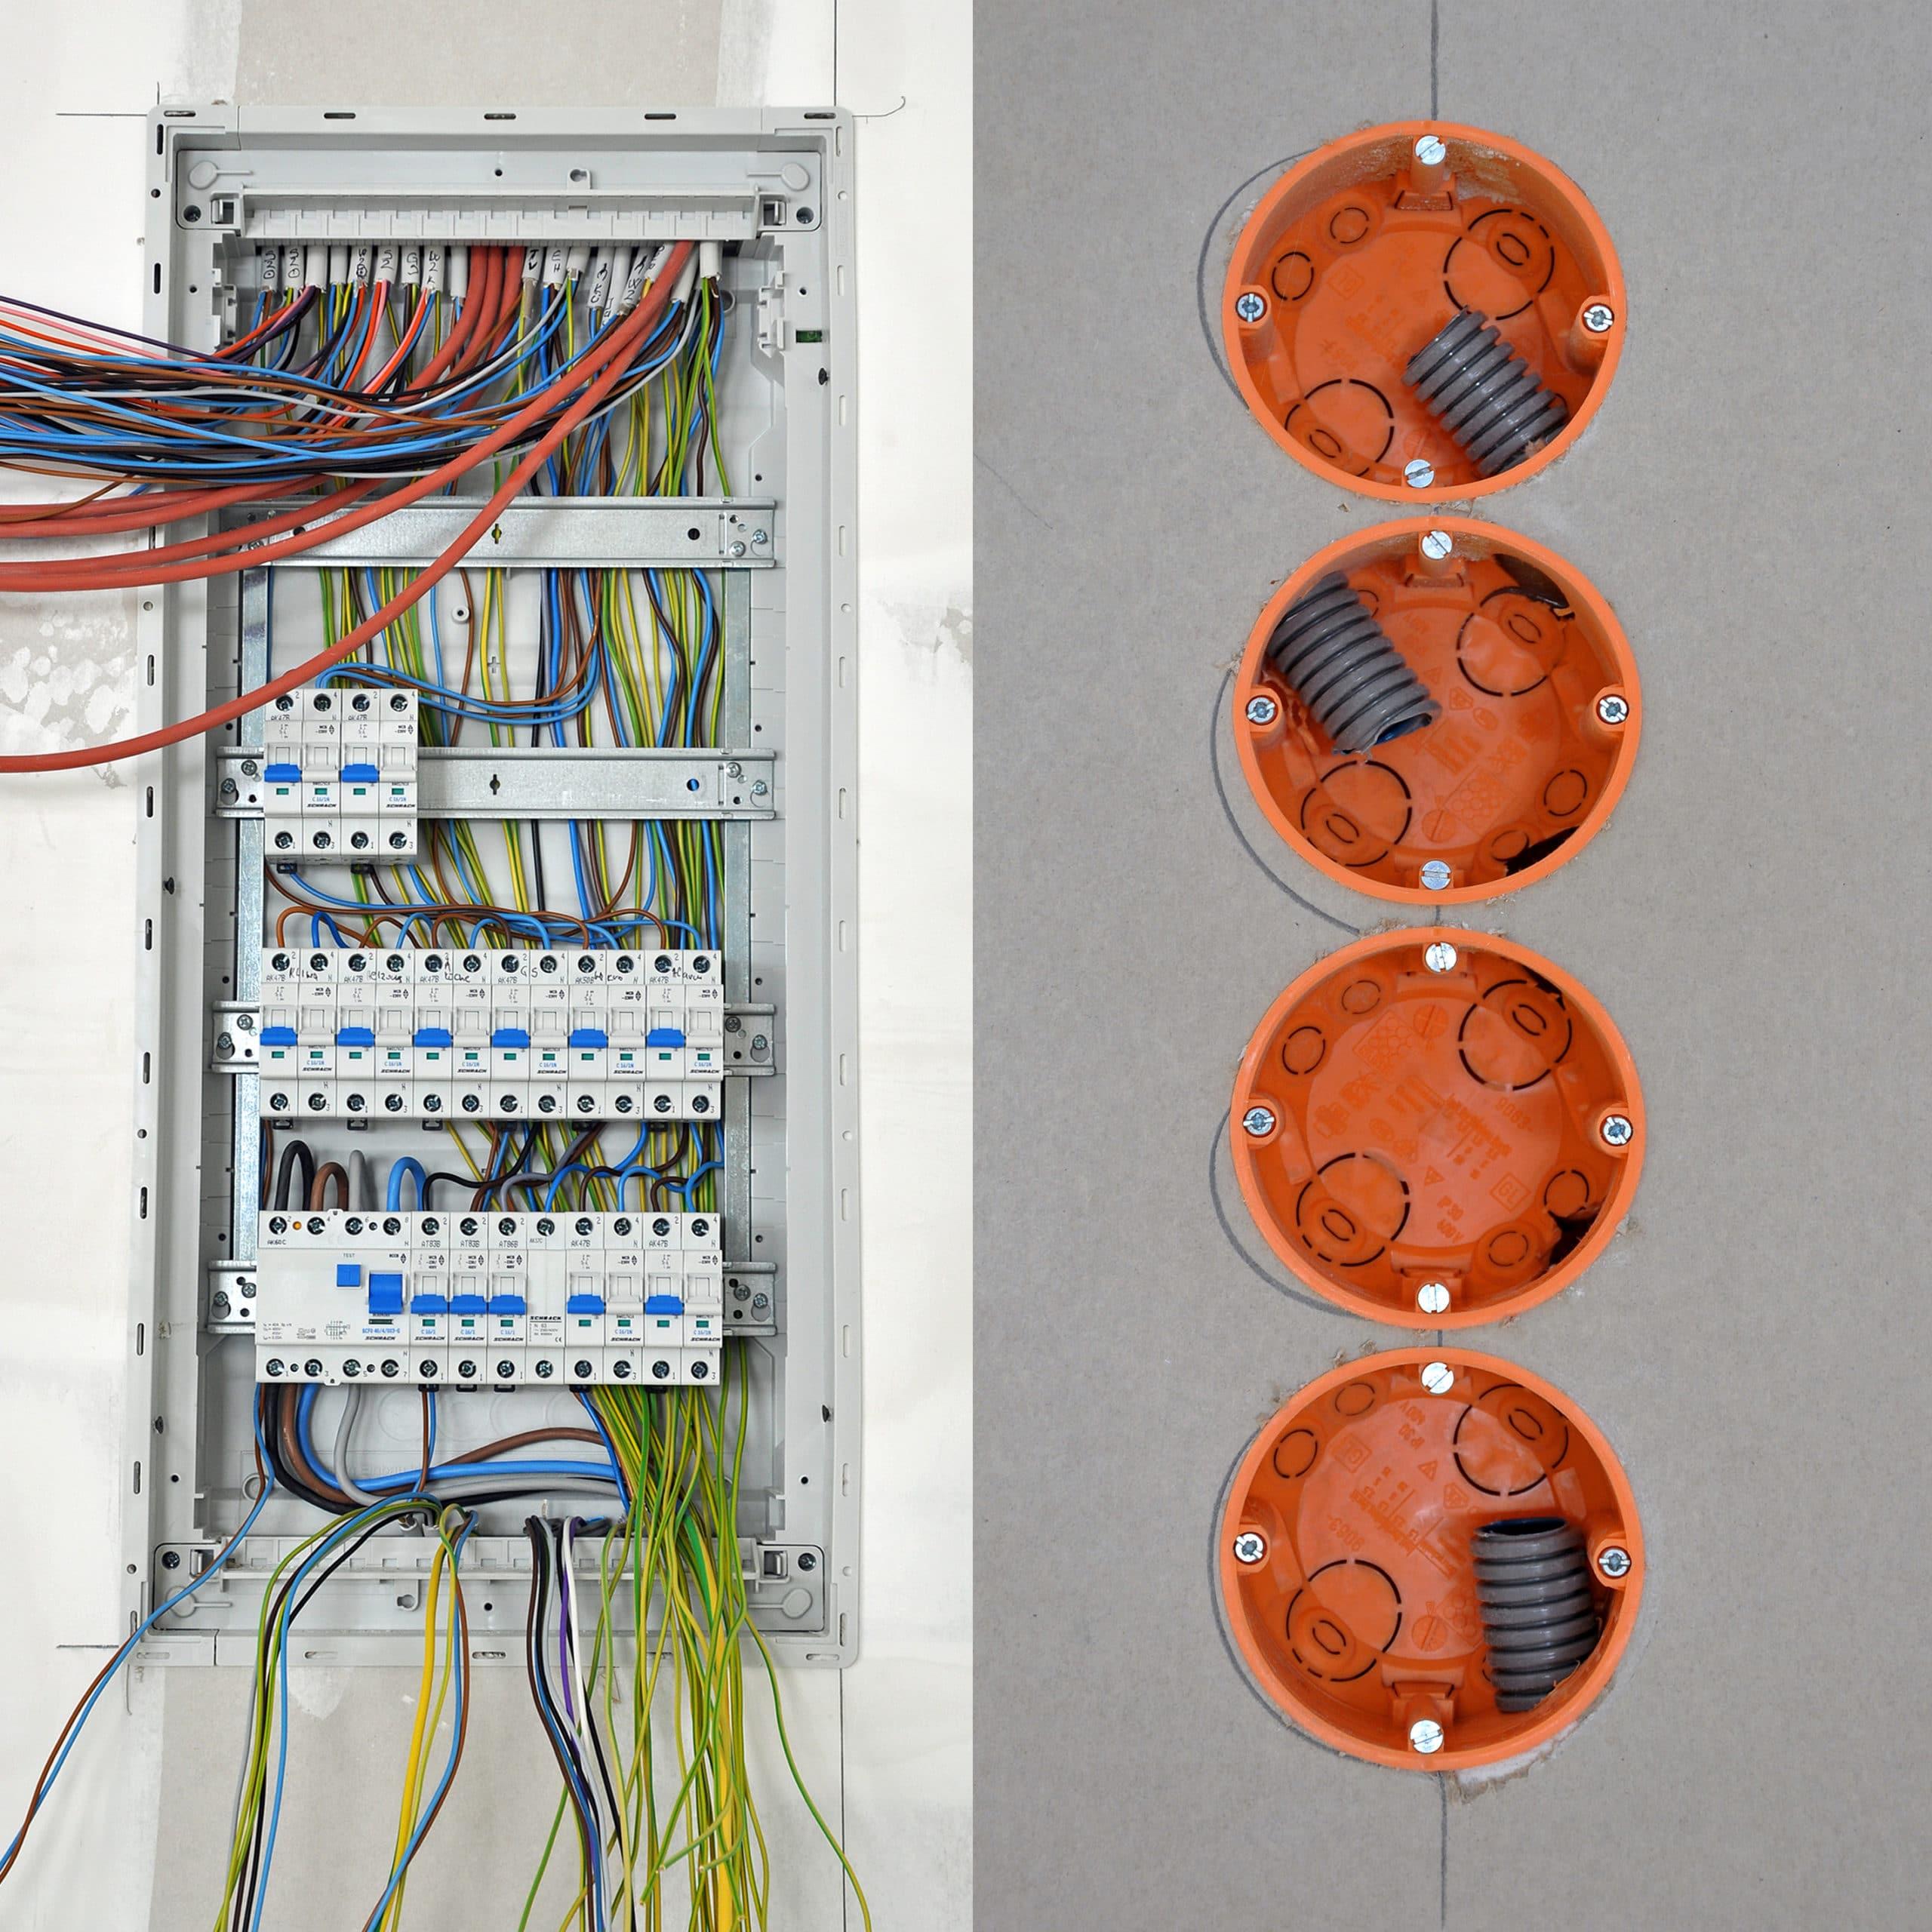 Elektroarbeiten werden ausgeführt